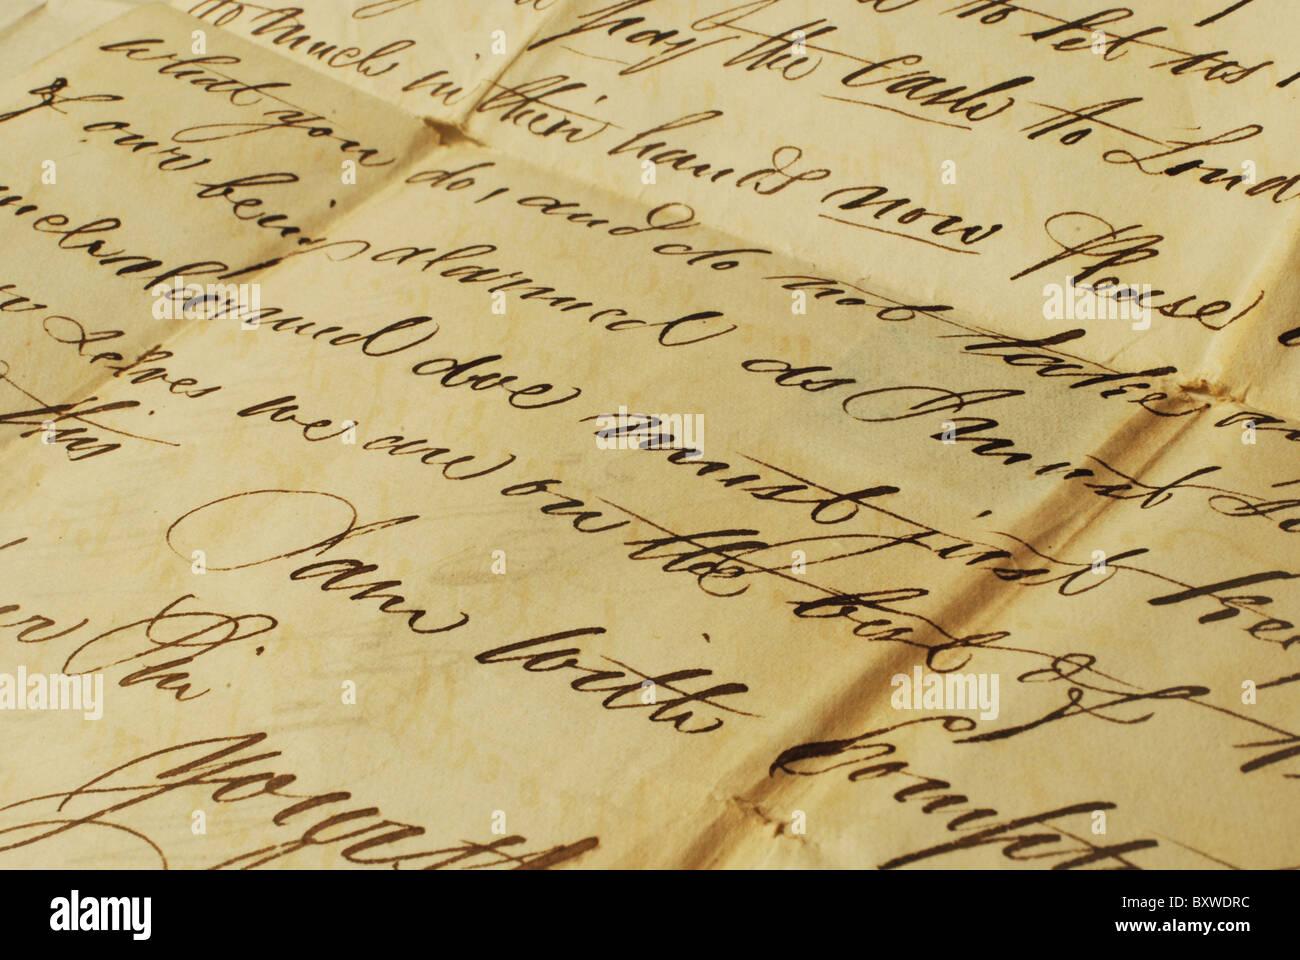 Vecchia lettera con elegante scrittura a mano. Primo piano della vecchia lettera con elegante scrittura a mano. Foto Stock